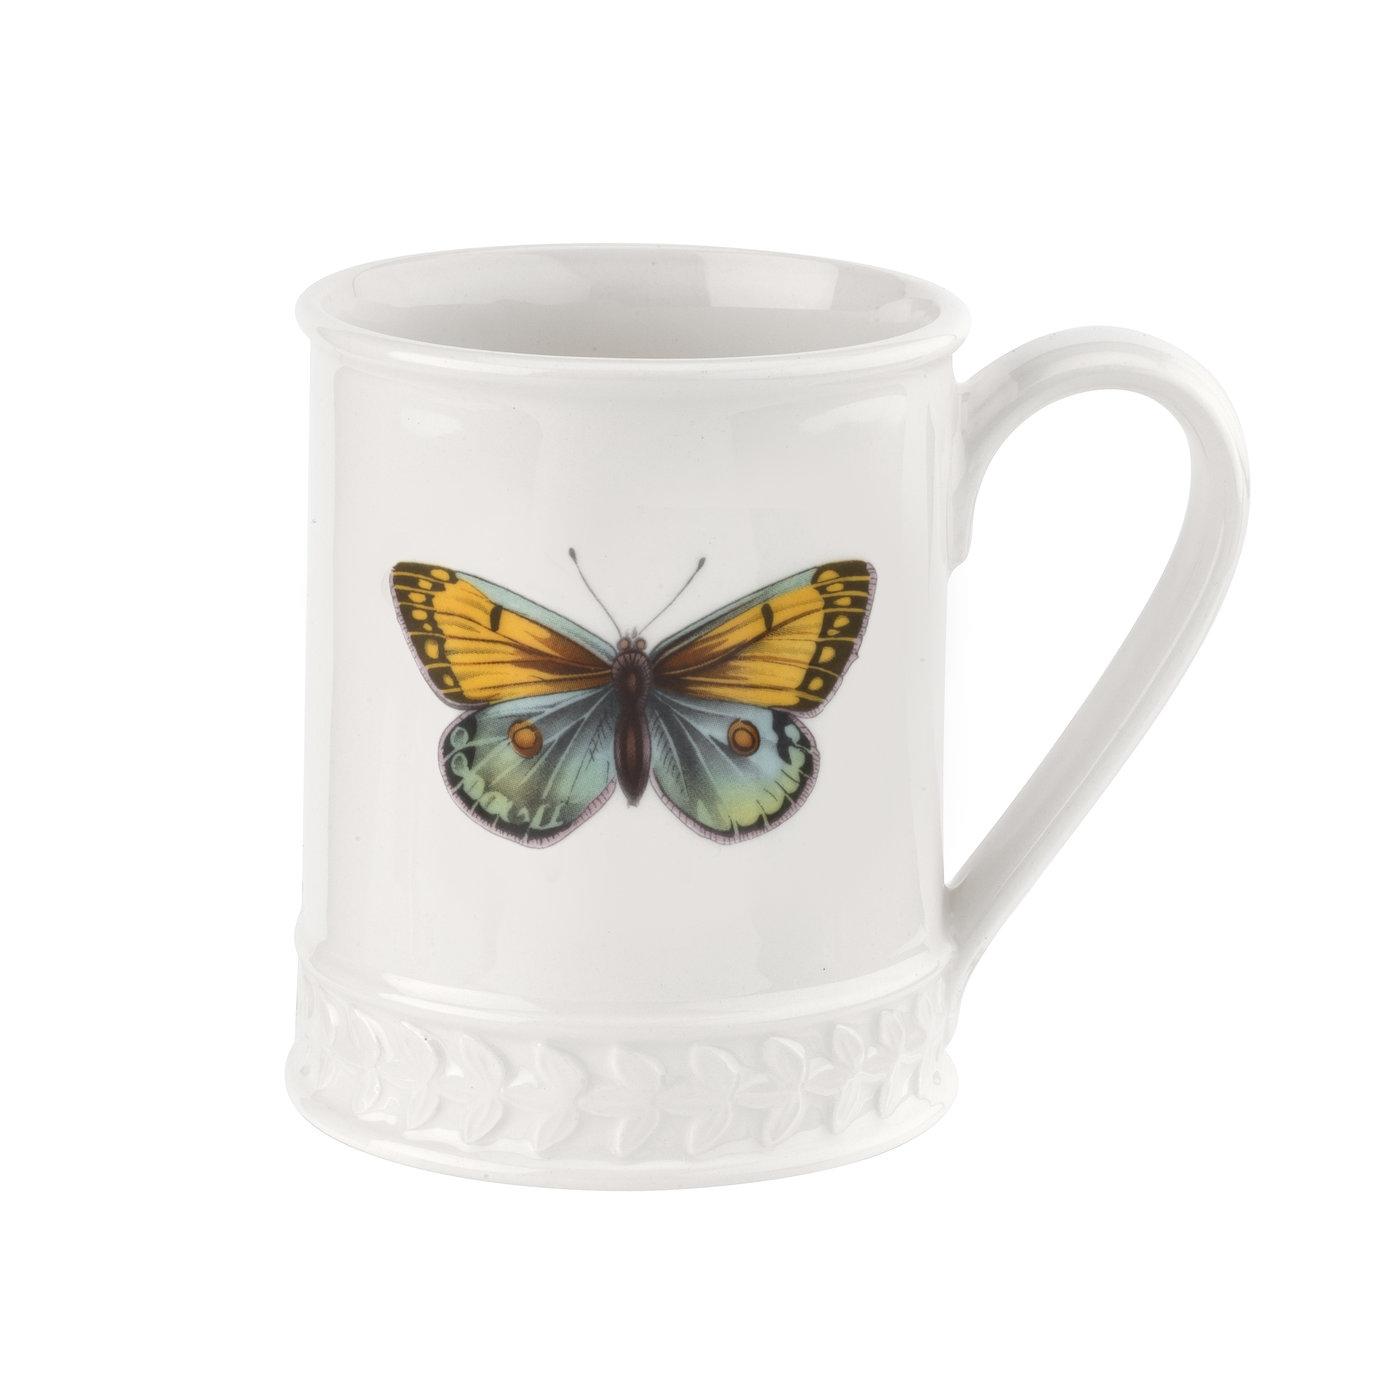 포트메리온 '보타닉 가든 하모니' 나비 머그Portmeirion Botanic Garden Harmony Embossed 16 oz Tankard-Amber Blue Butterfly